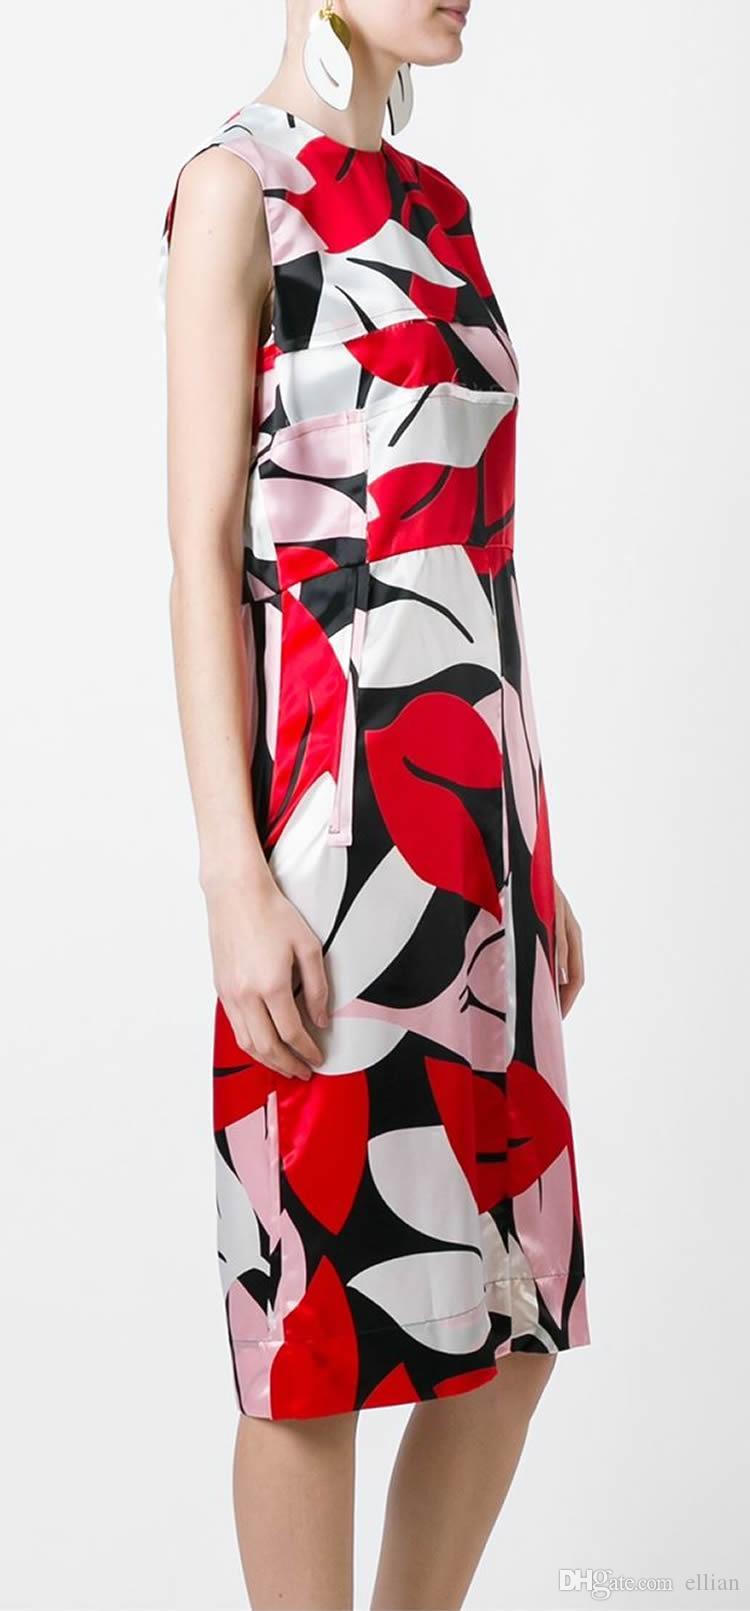 패션 프린트 여성 시즈 드레스 라운드 넥 민소매 캐주얼 드레스 064A620